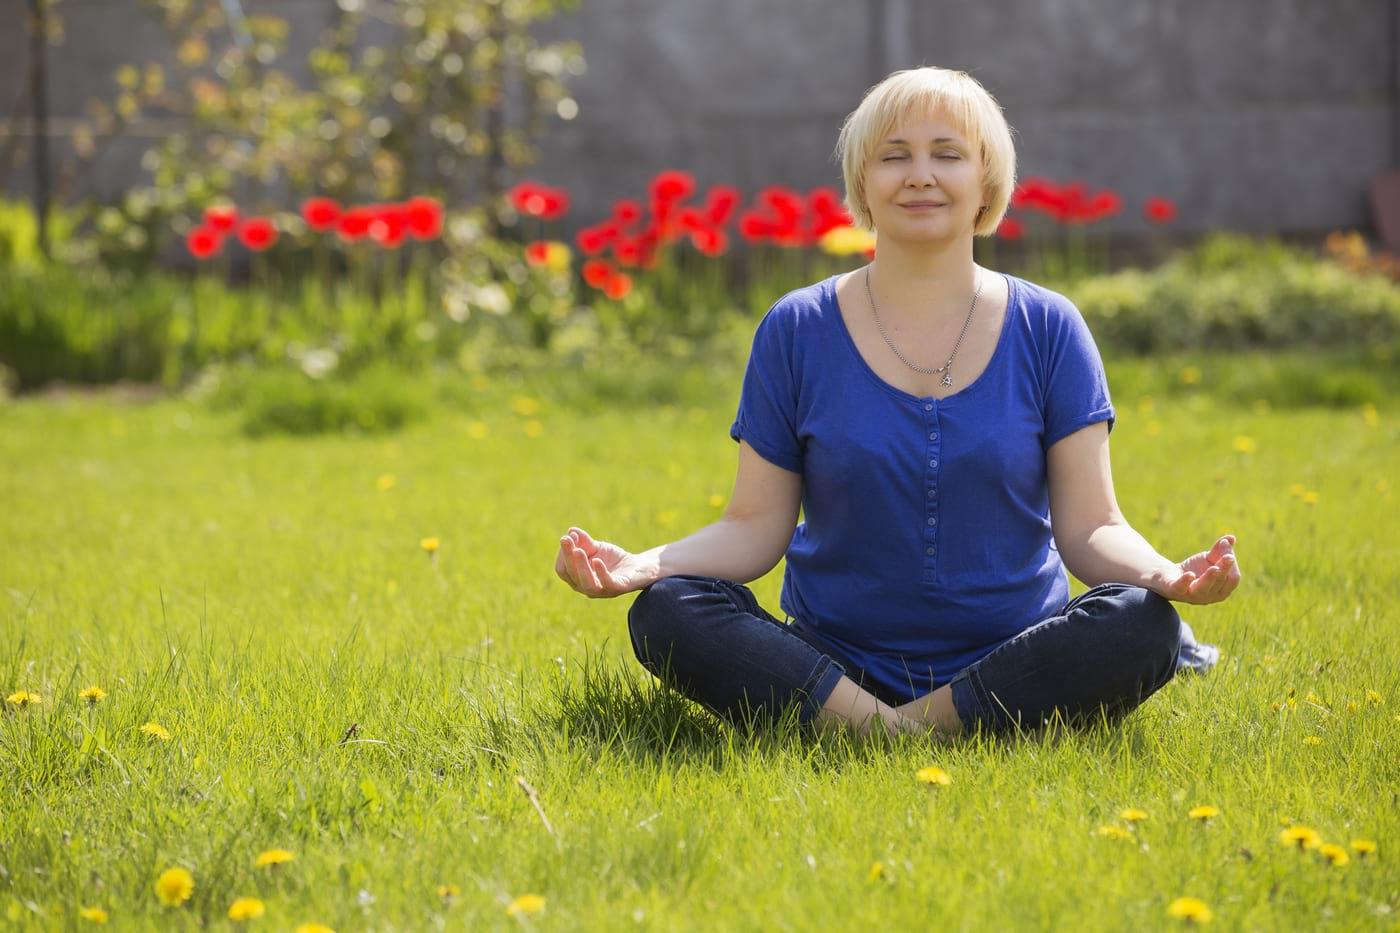 Ce exerciții în aer liber pot face în siguranță adulții în vârstă?